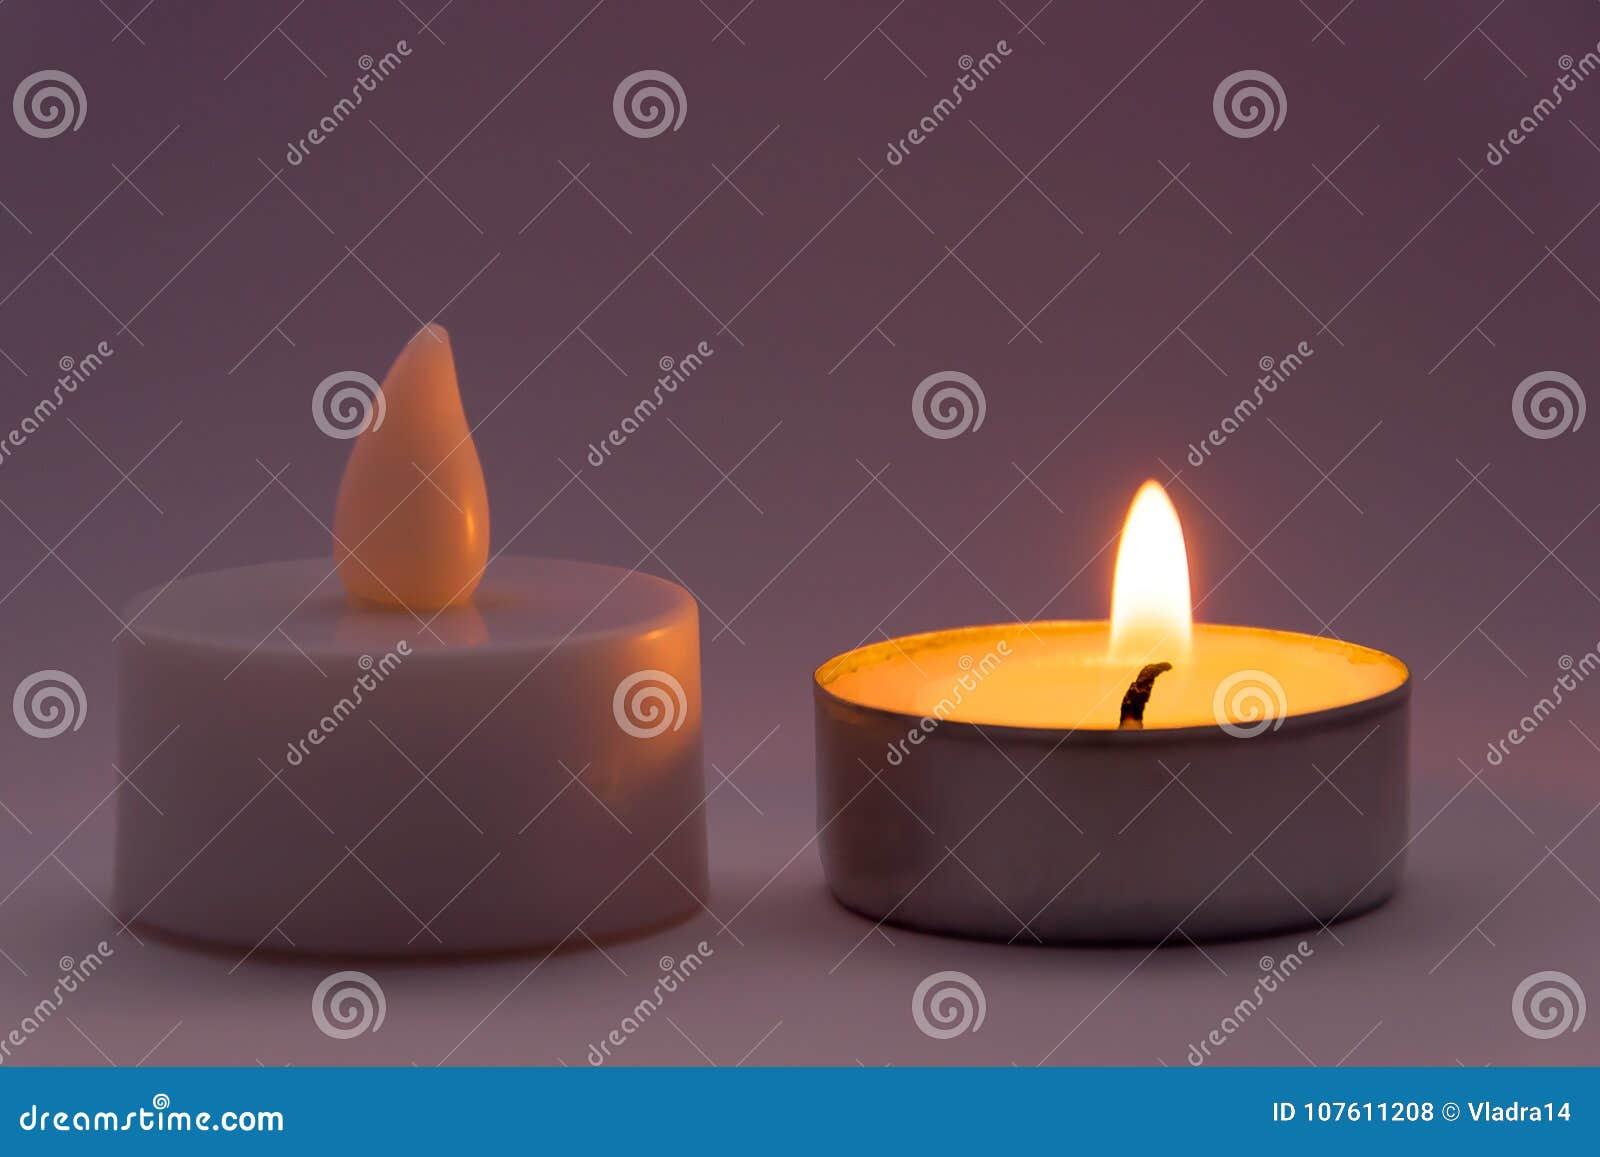 蜡烛伪造品对真正的概念